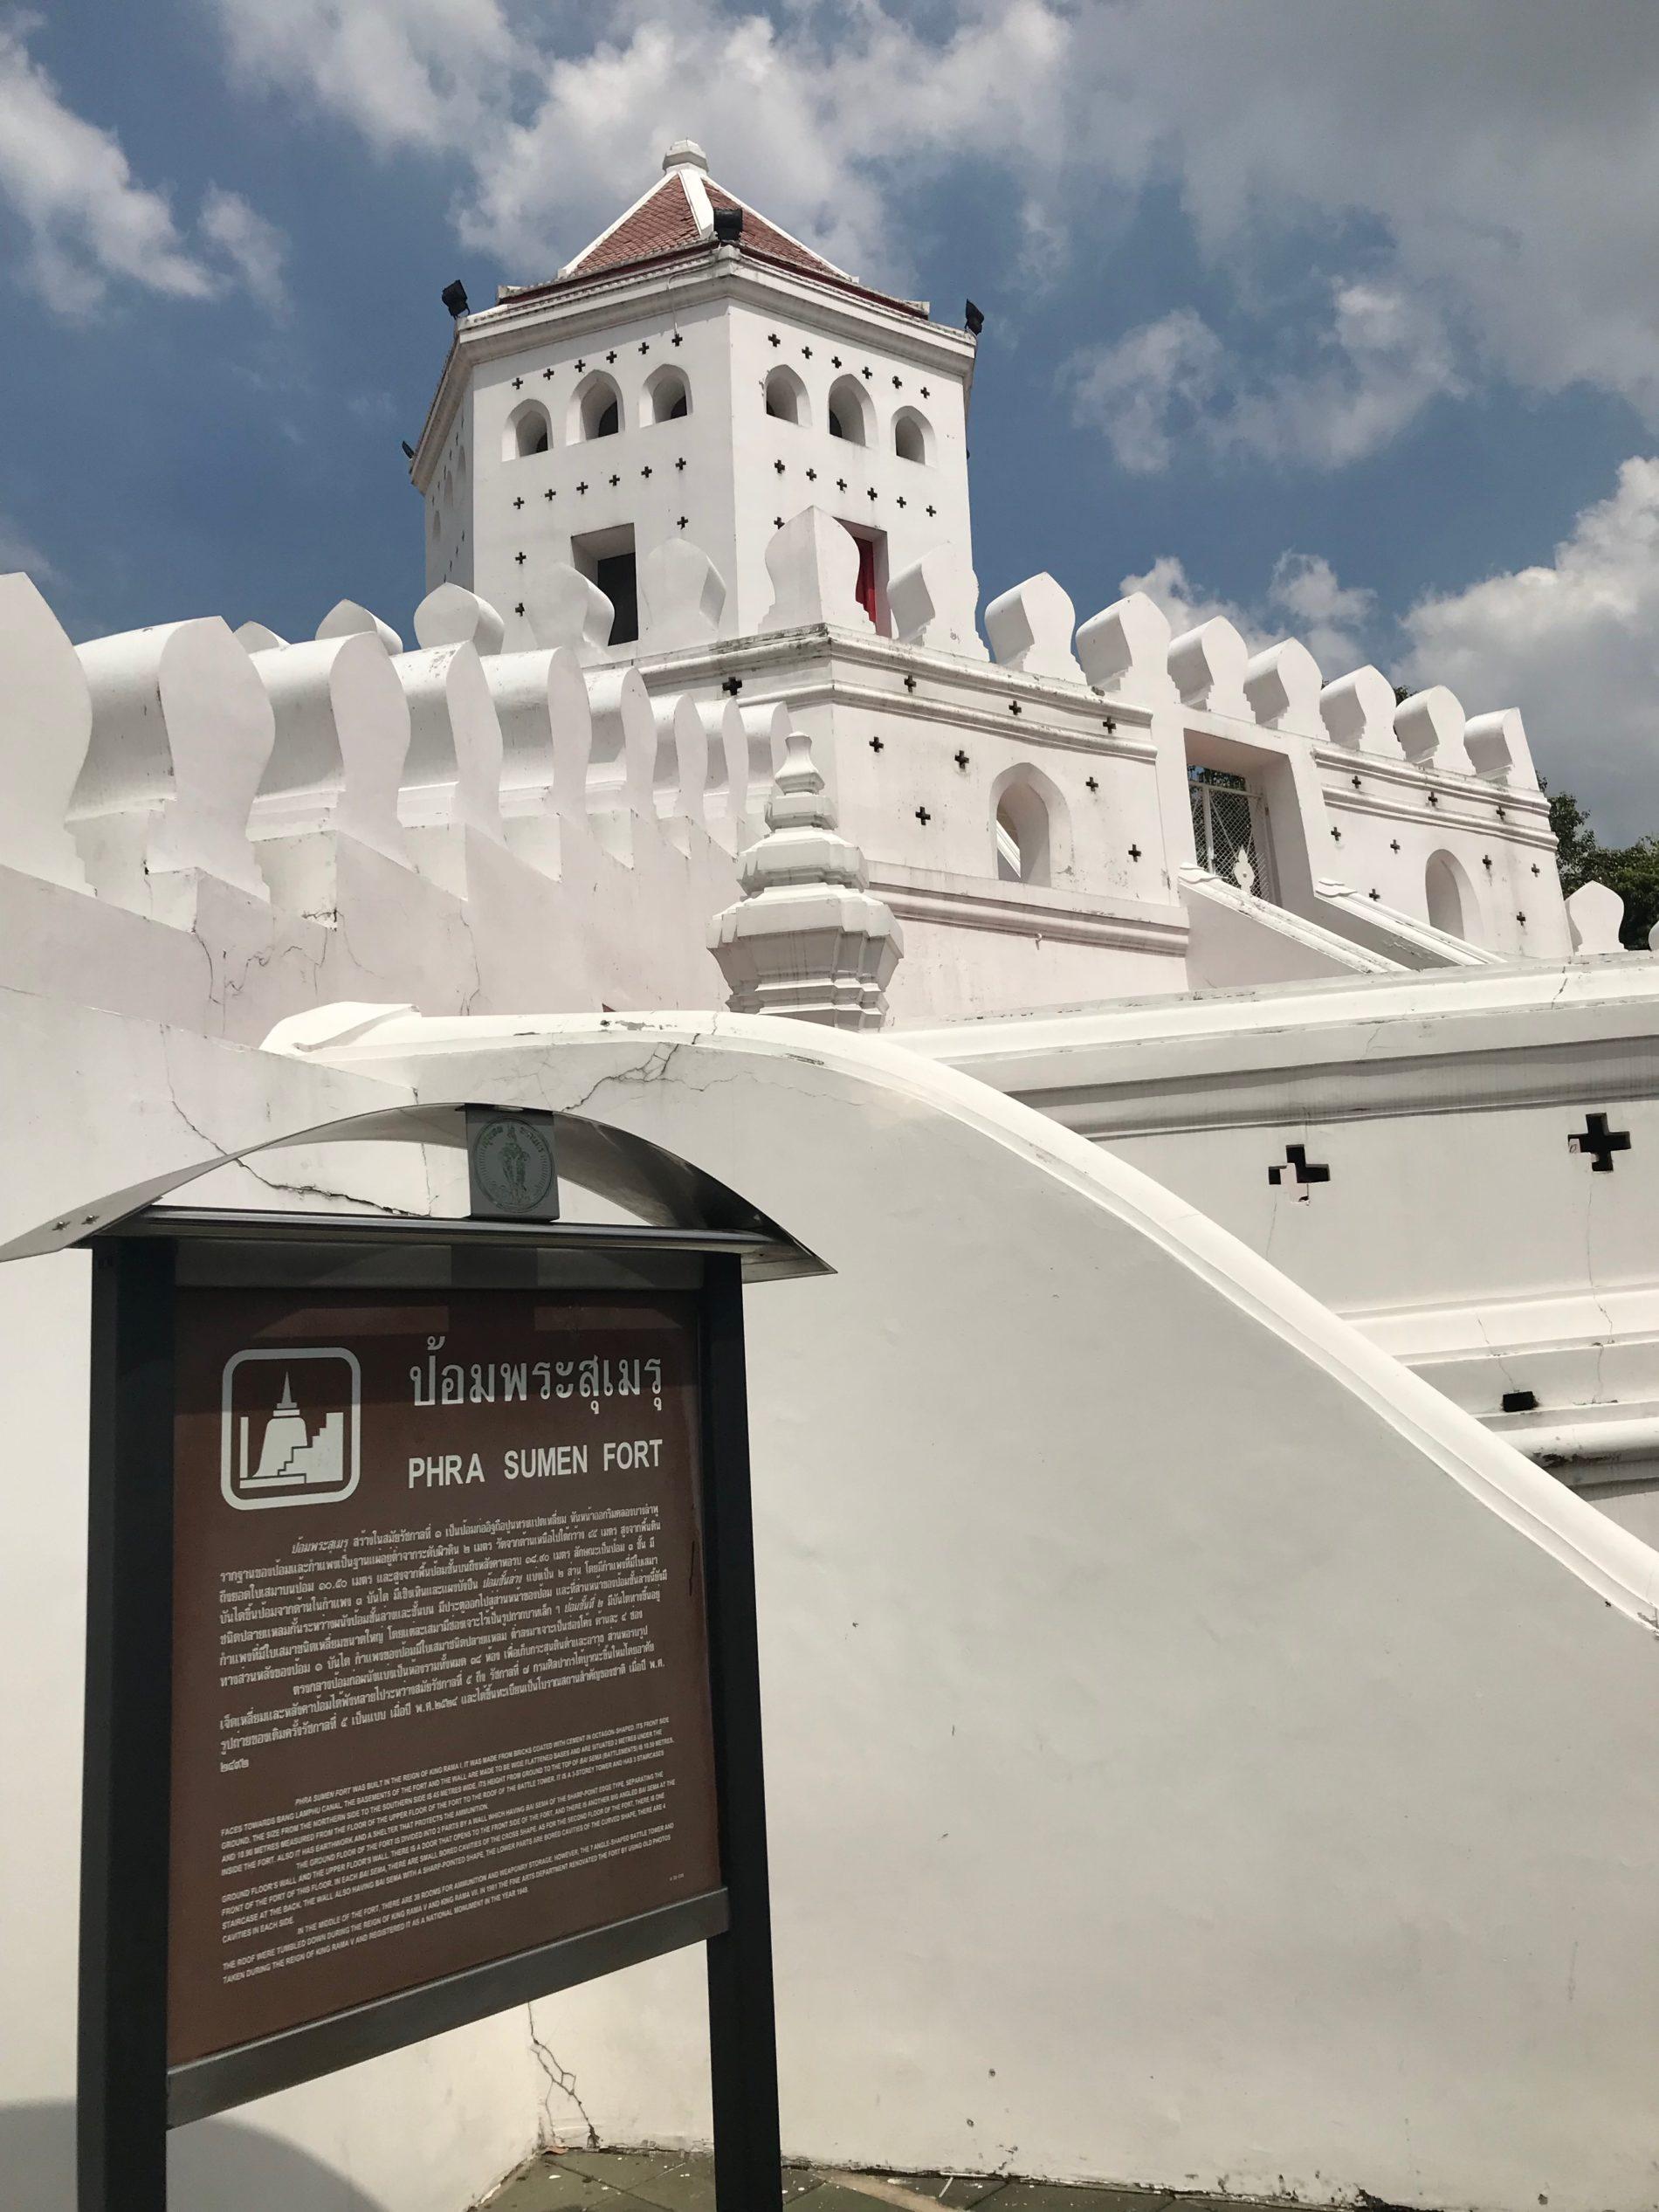 プラ・スメーン砦